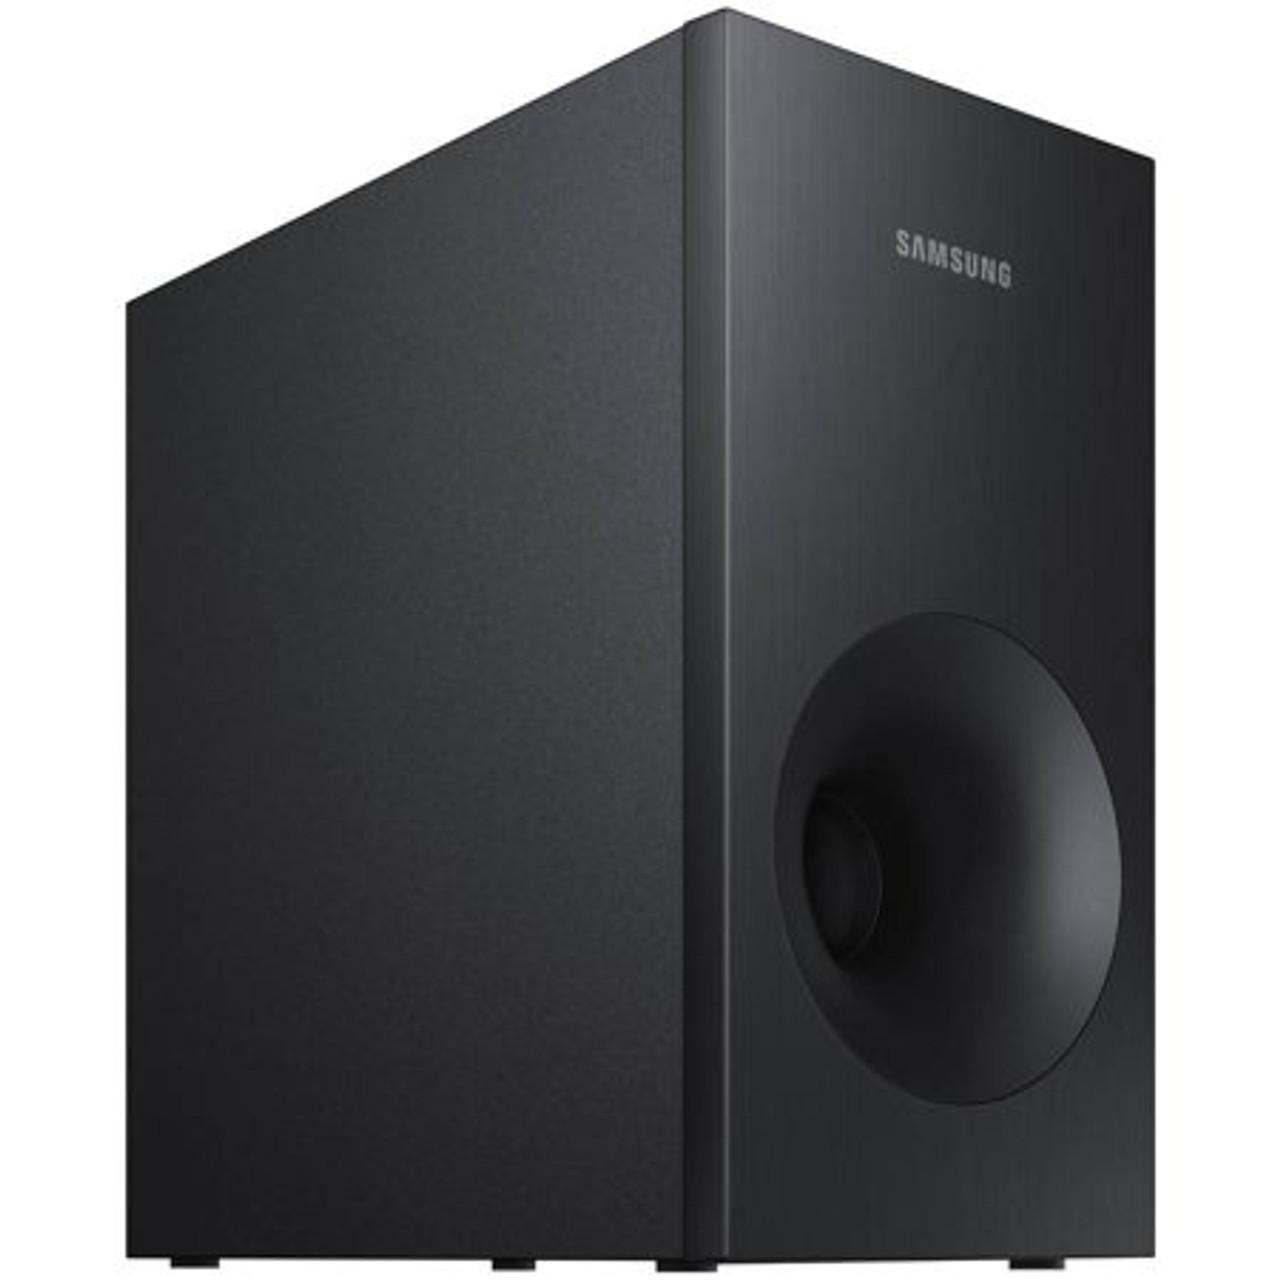 Samsung HW-KM36/ZAR 2.1 Channel 130w Soundbar System with Wireless Subwoofer - Certified Refurbished